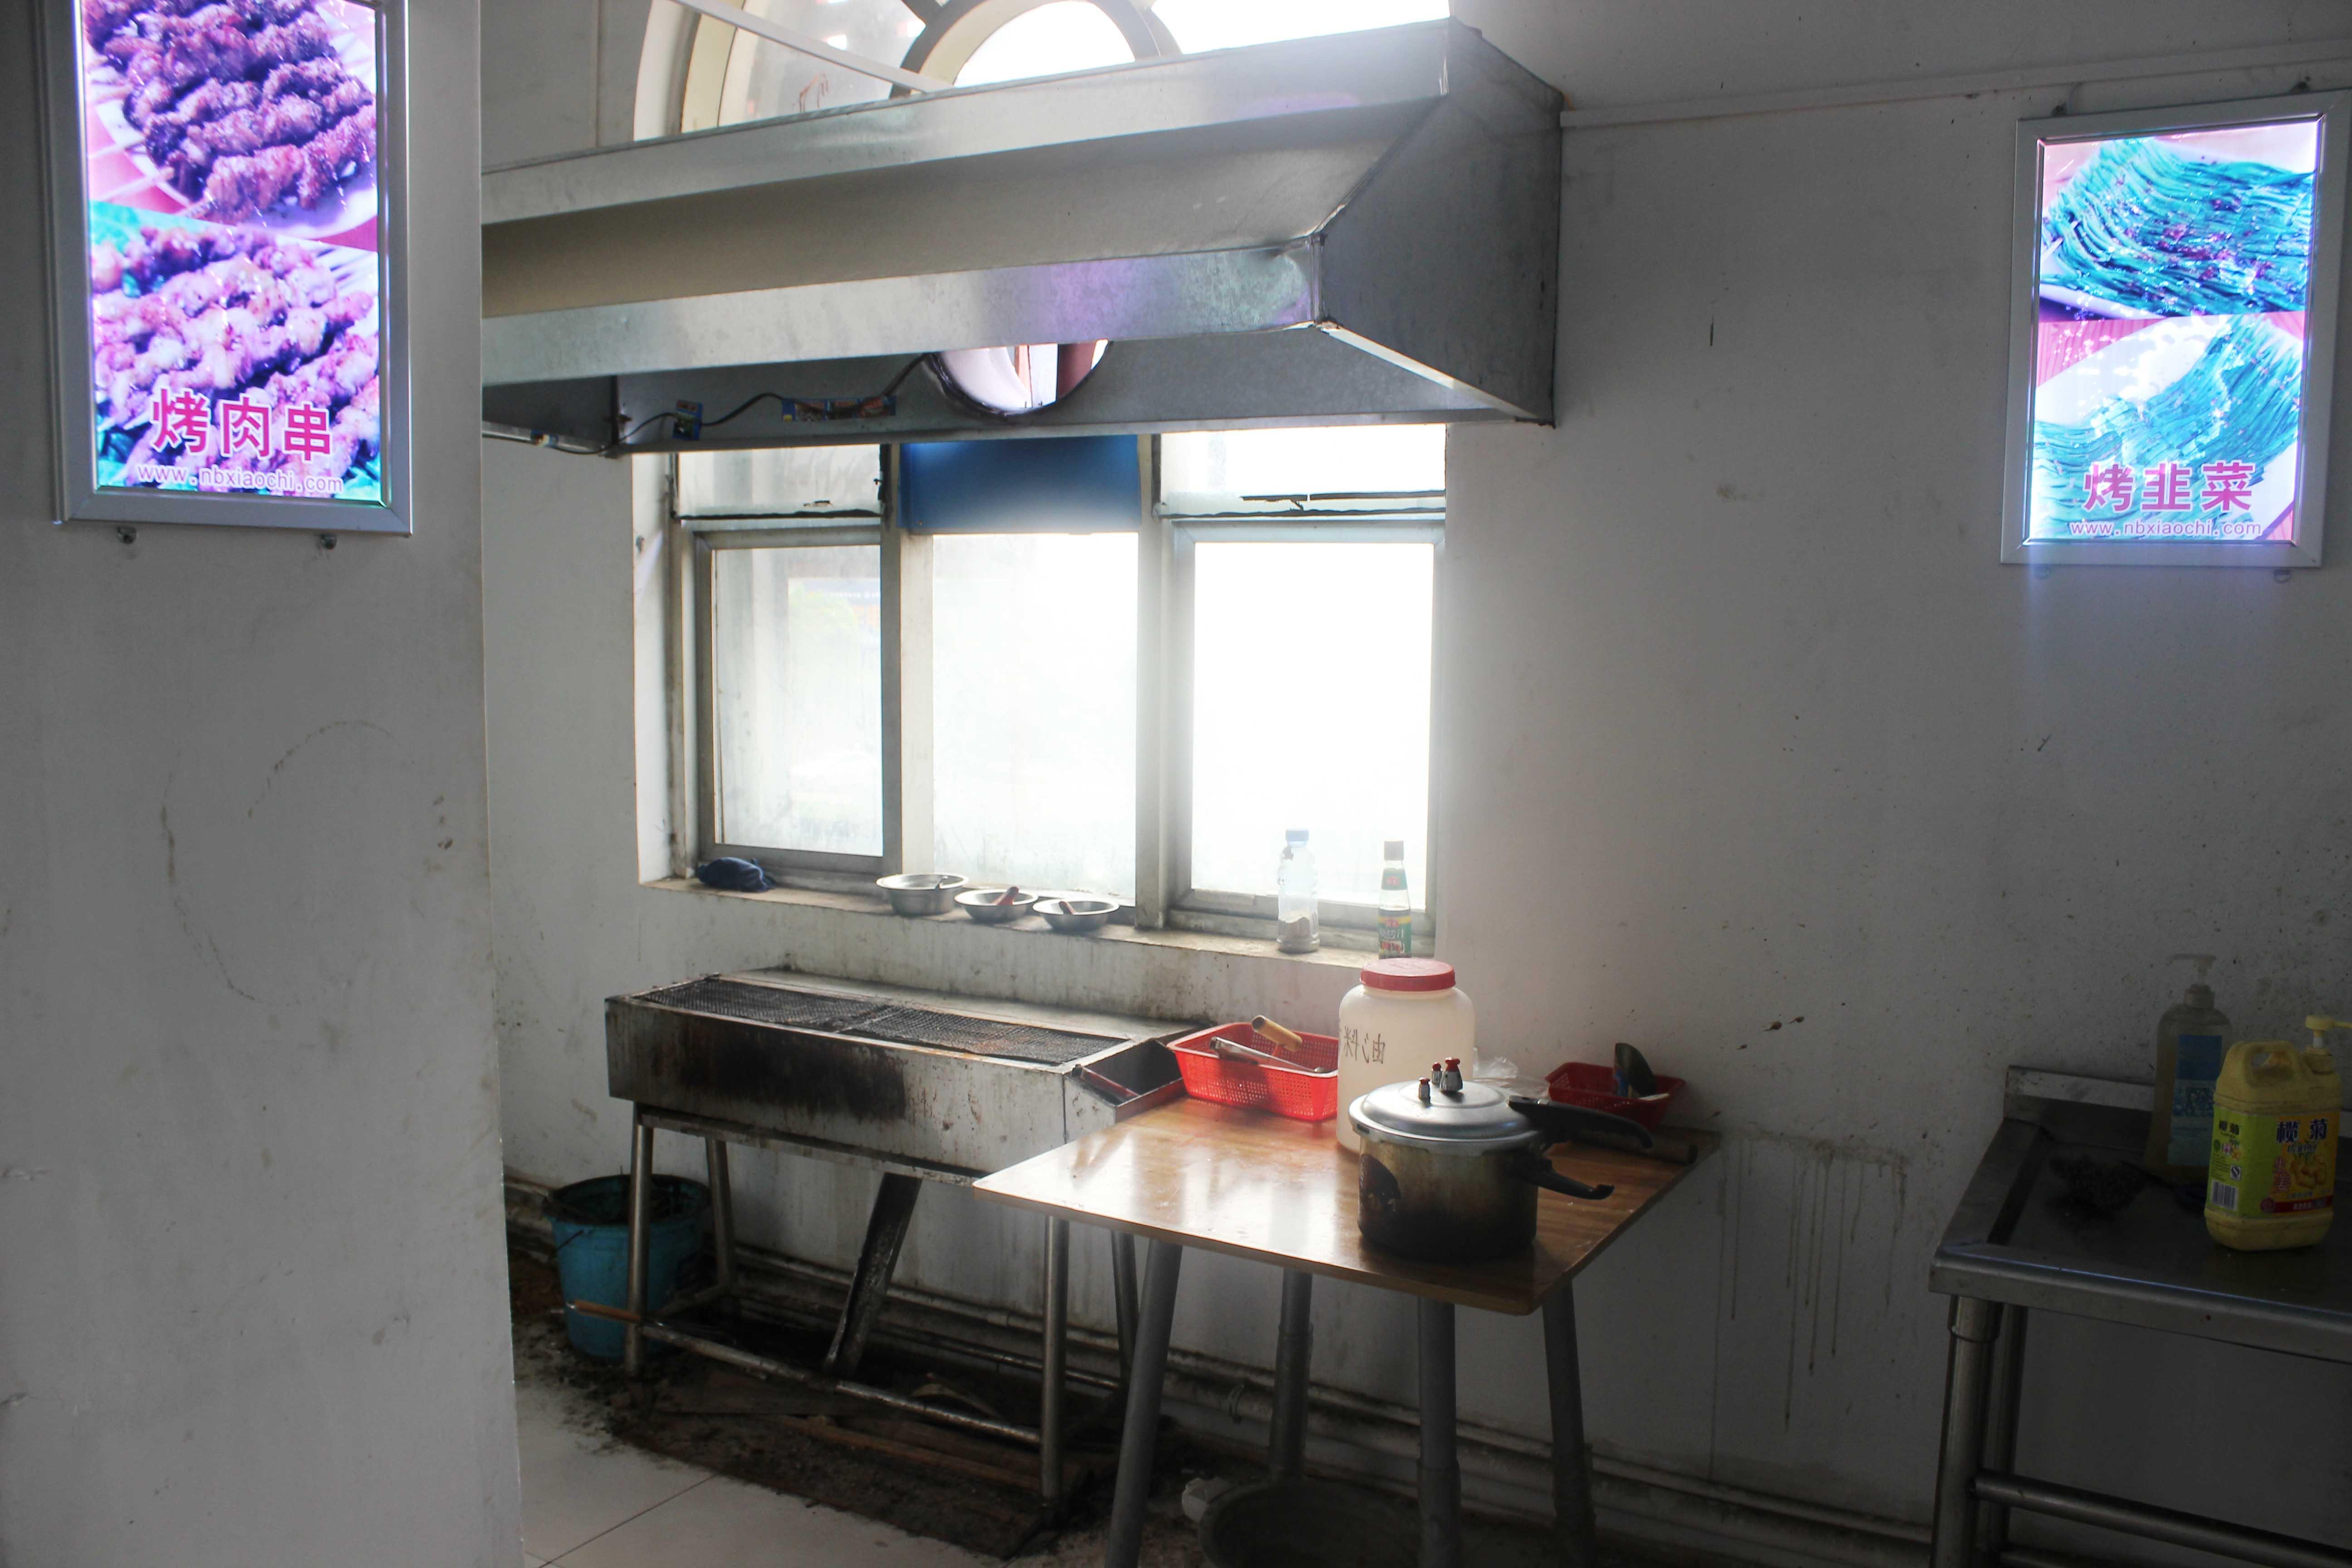 烧烤火锅培训室